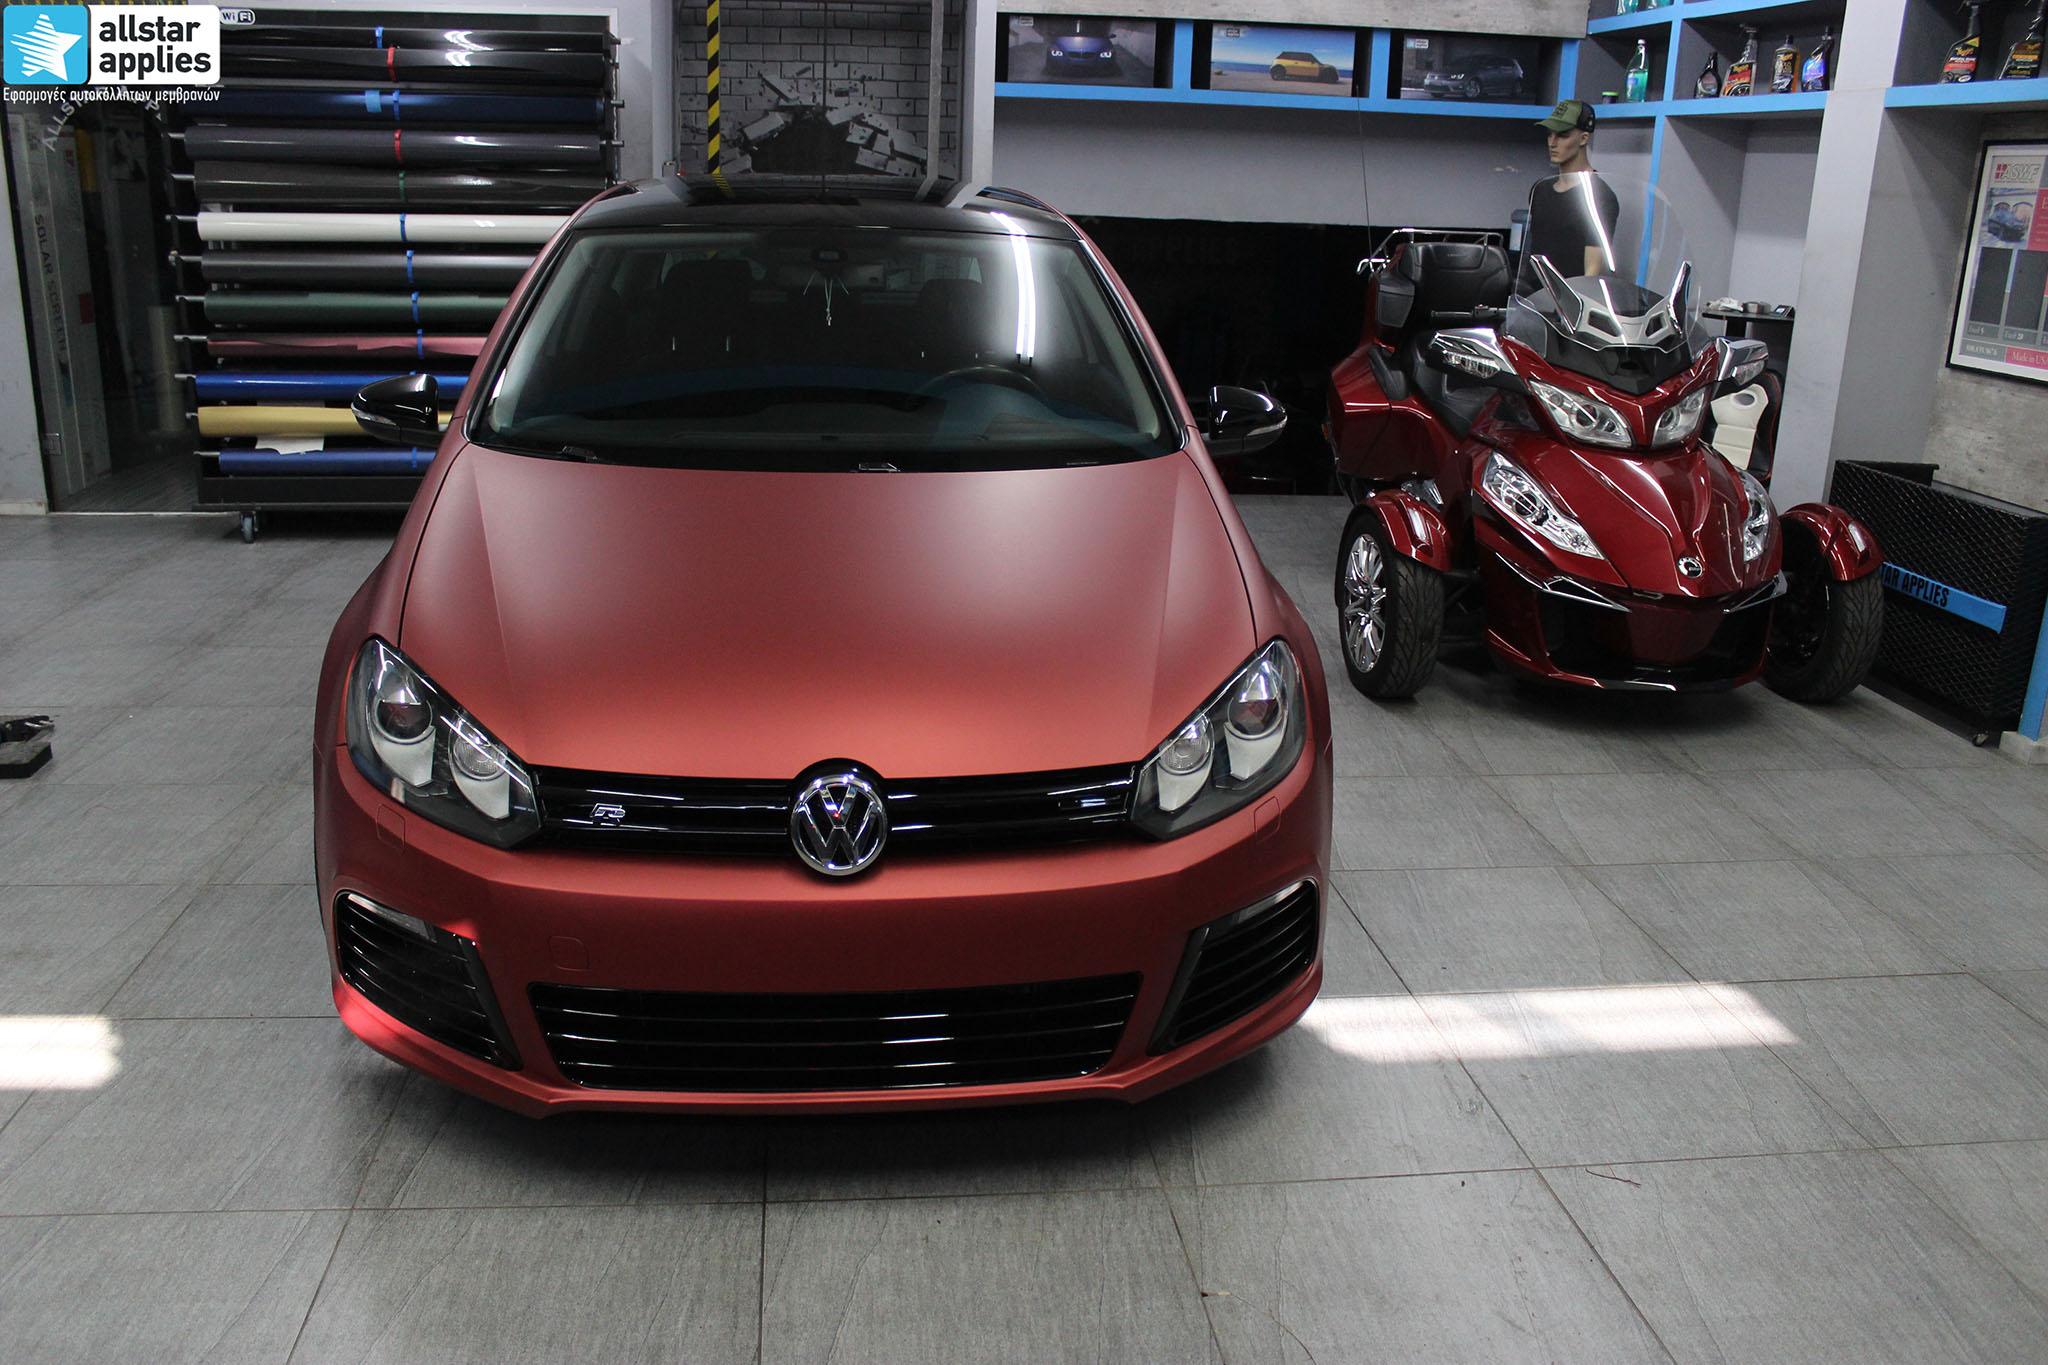 αυτοκόλλητα αλλαγής χρώματος VW Golf 6 Θεσσαλονίκη